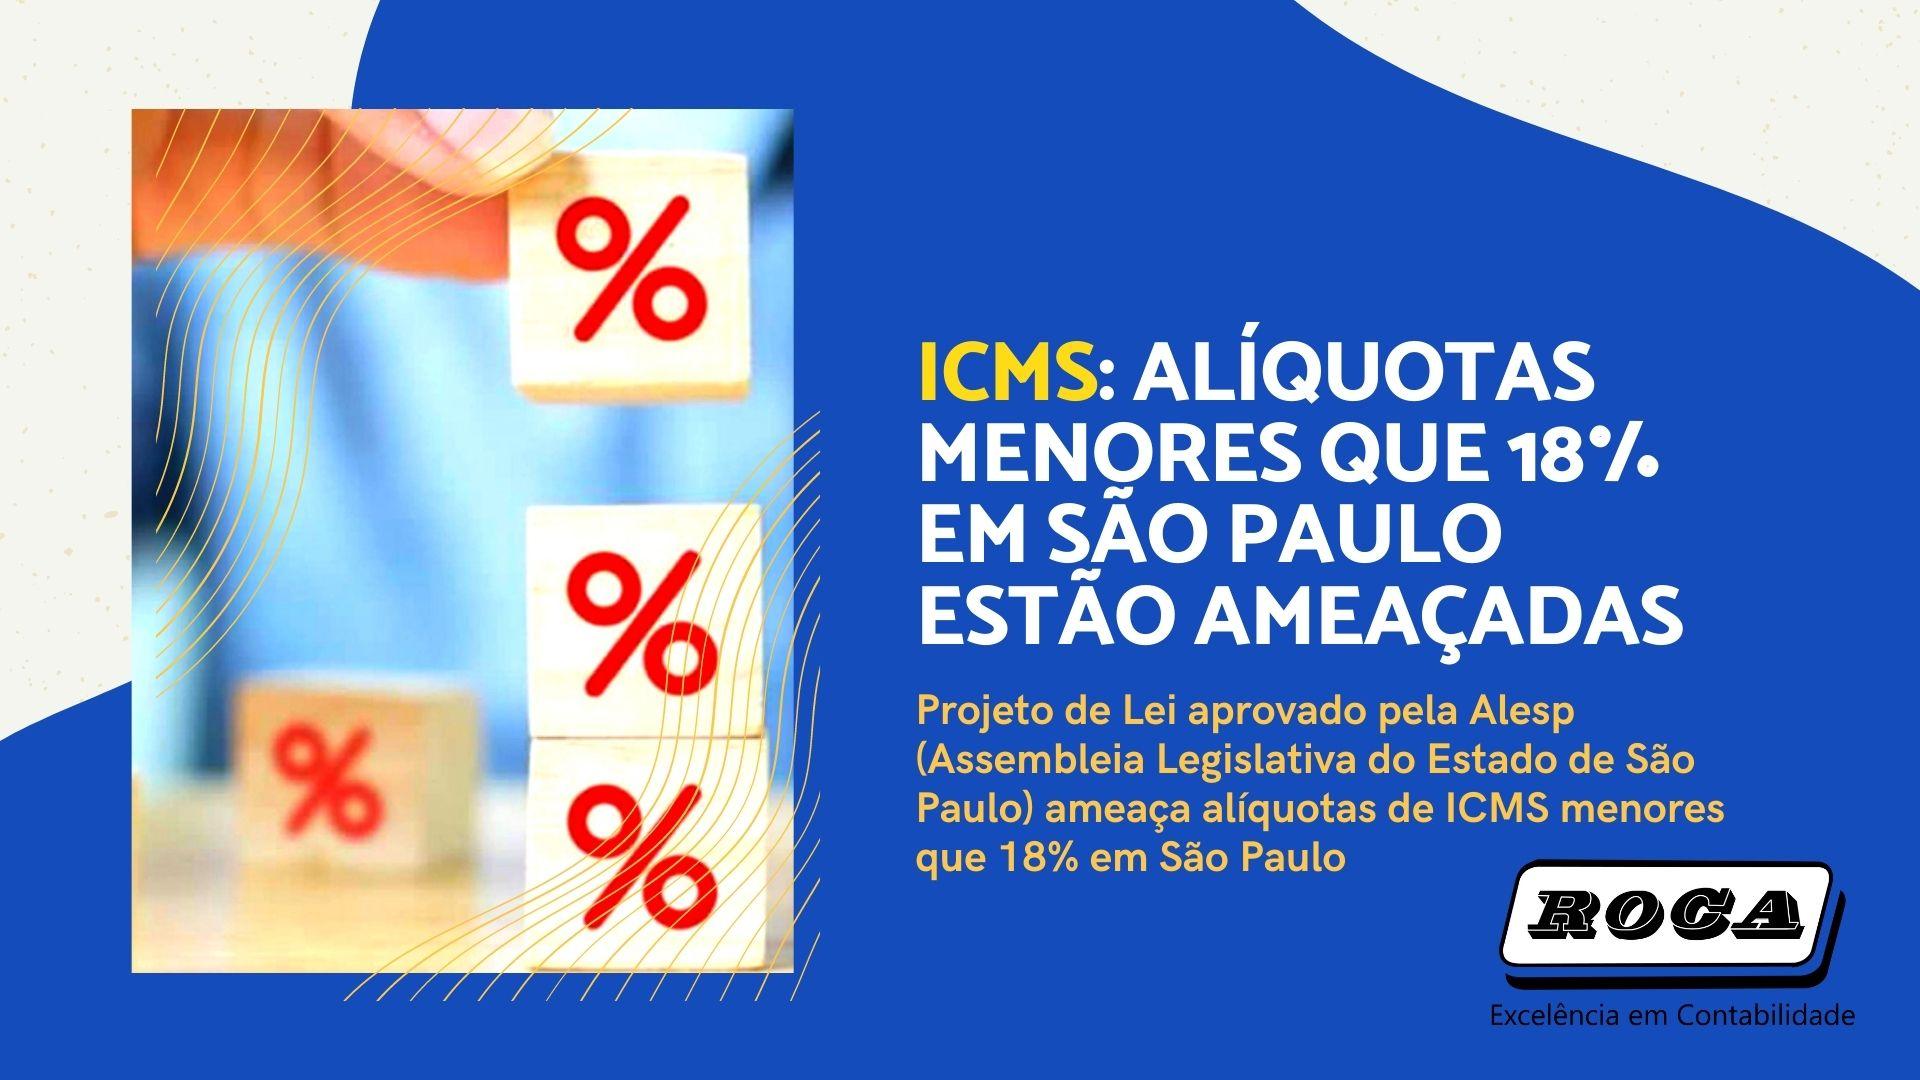 ICMS: ALÍQUOTAS MENORES QUE 18% EM SÃO PAULO ESTÃO AMEAÇADAS